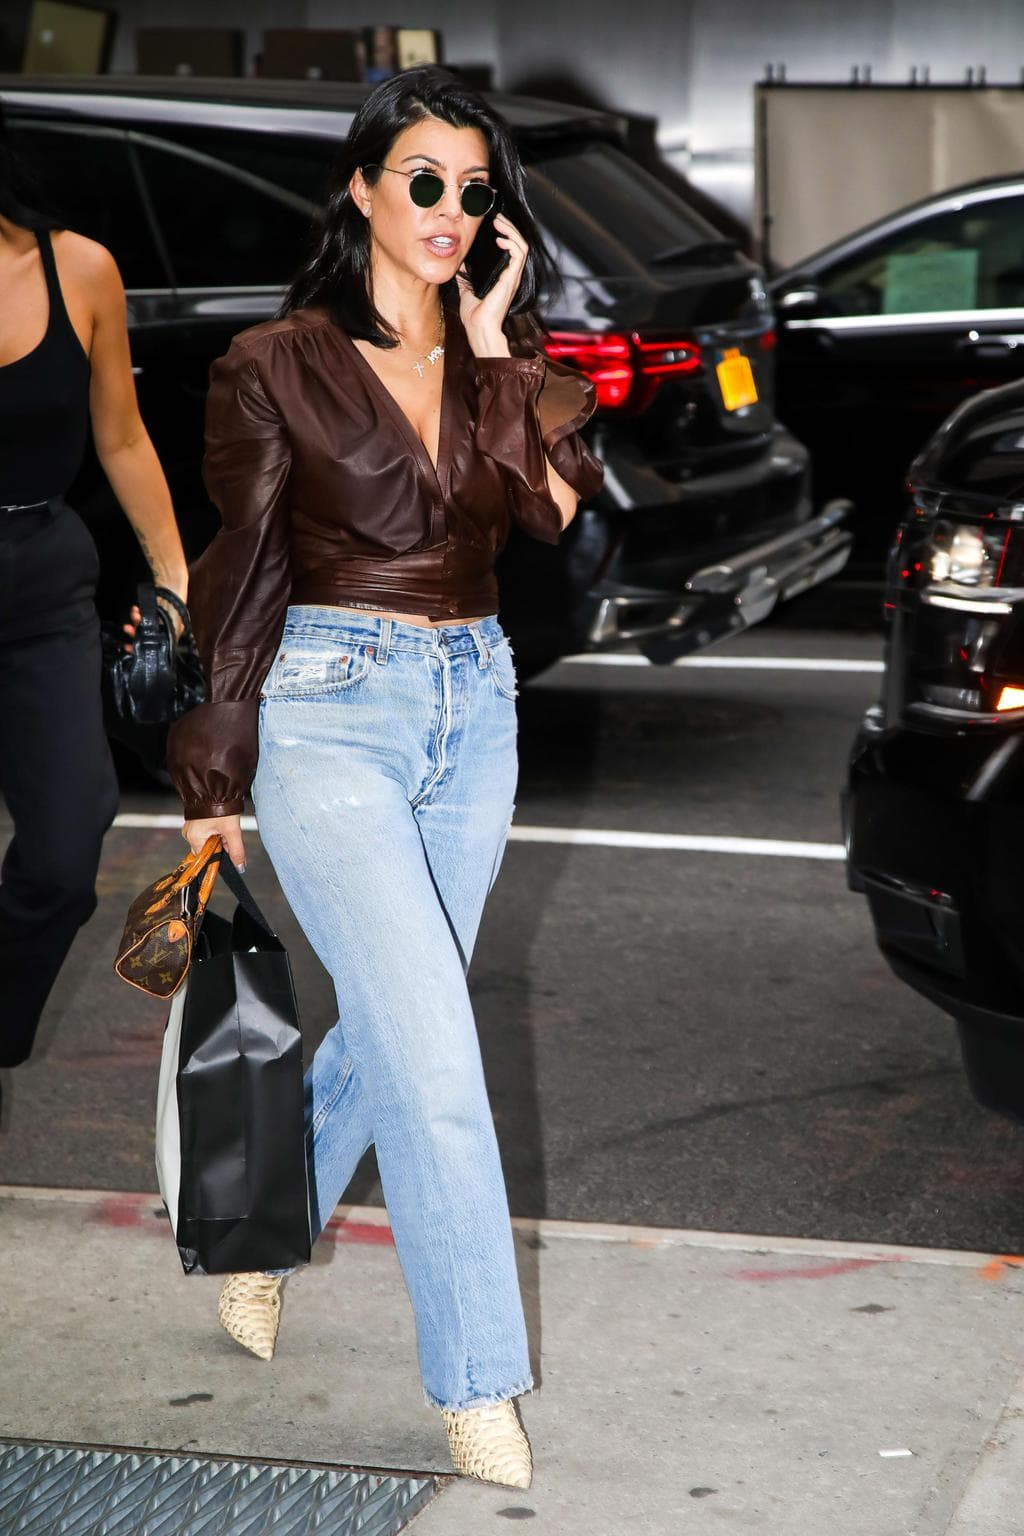 Kourtney Kardashian Style 101: How to Copy Her Look ...